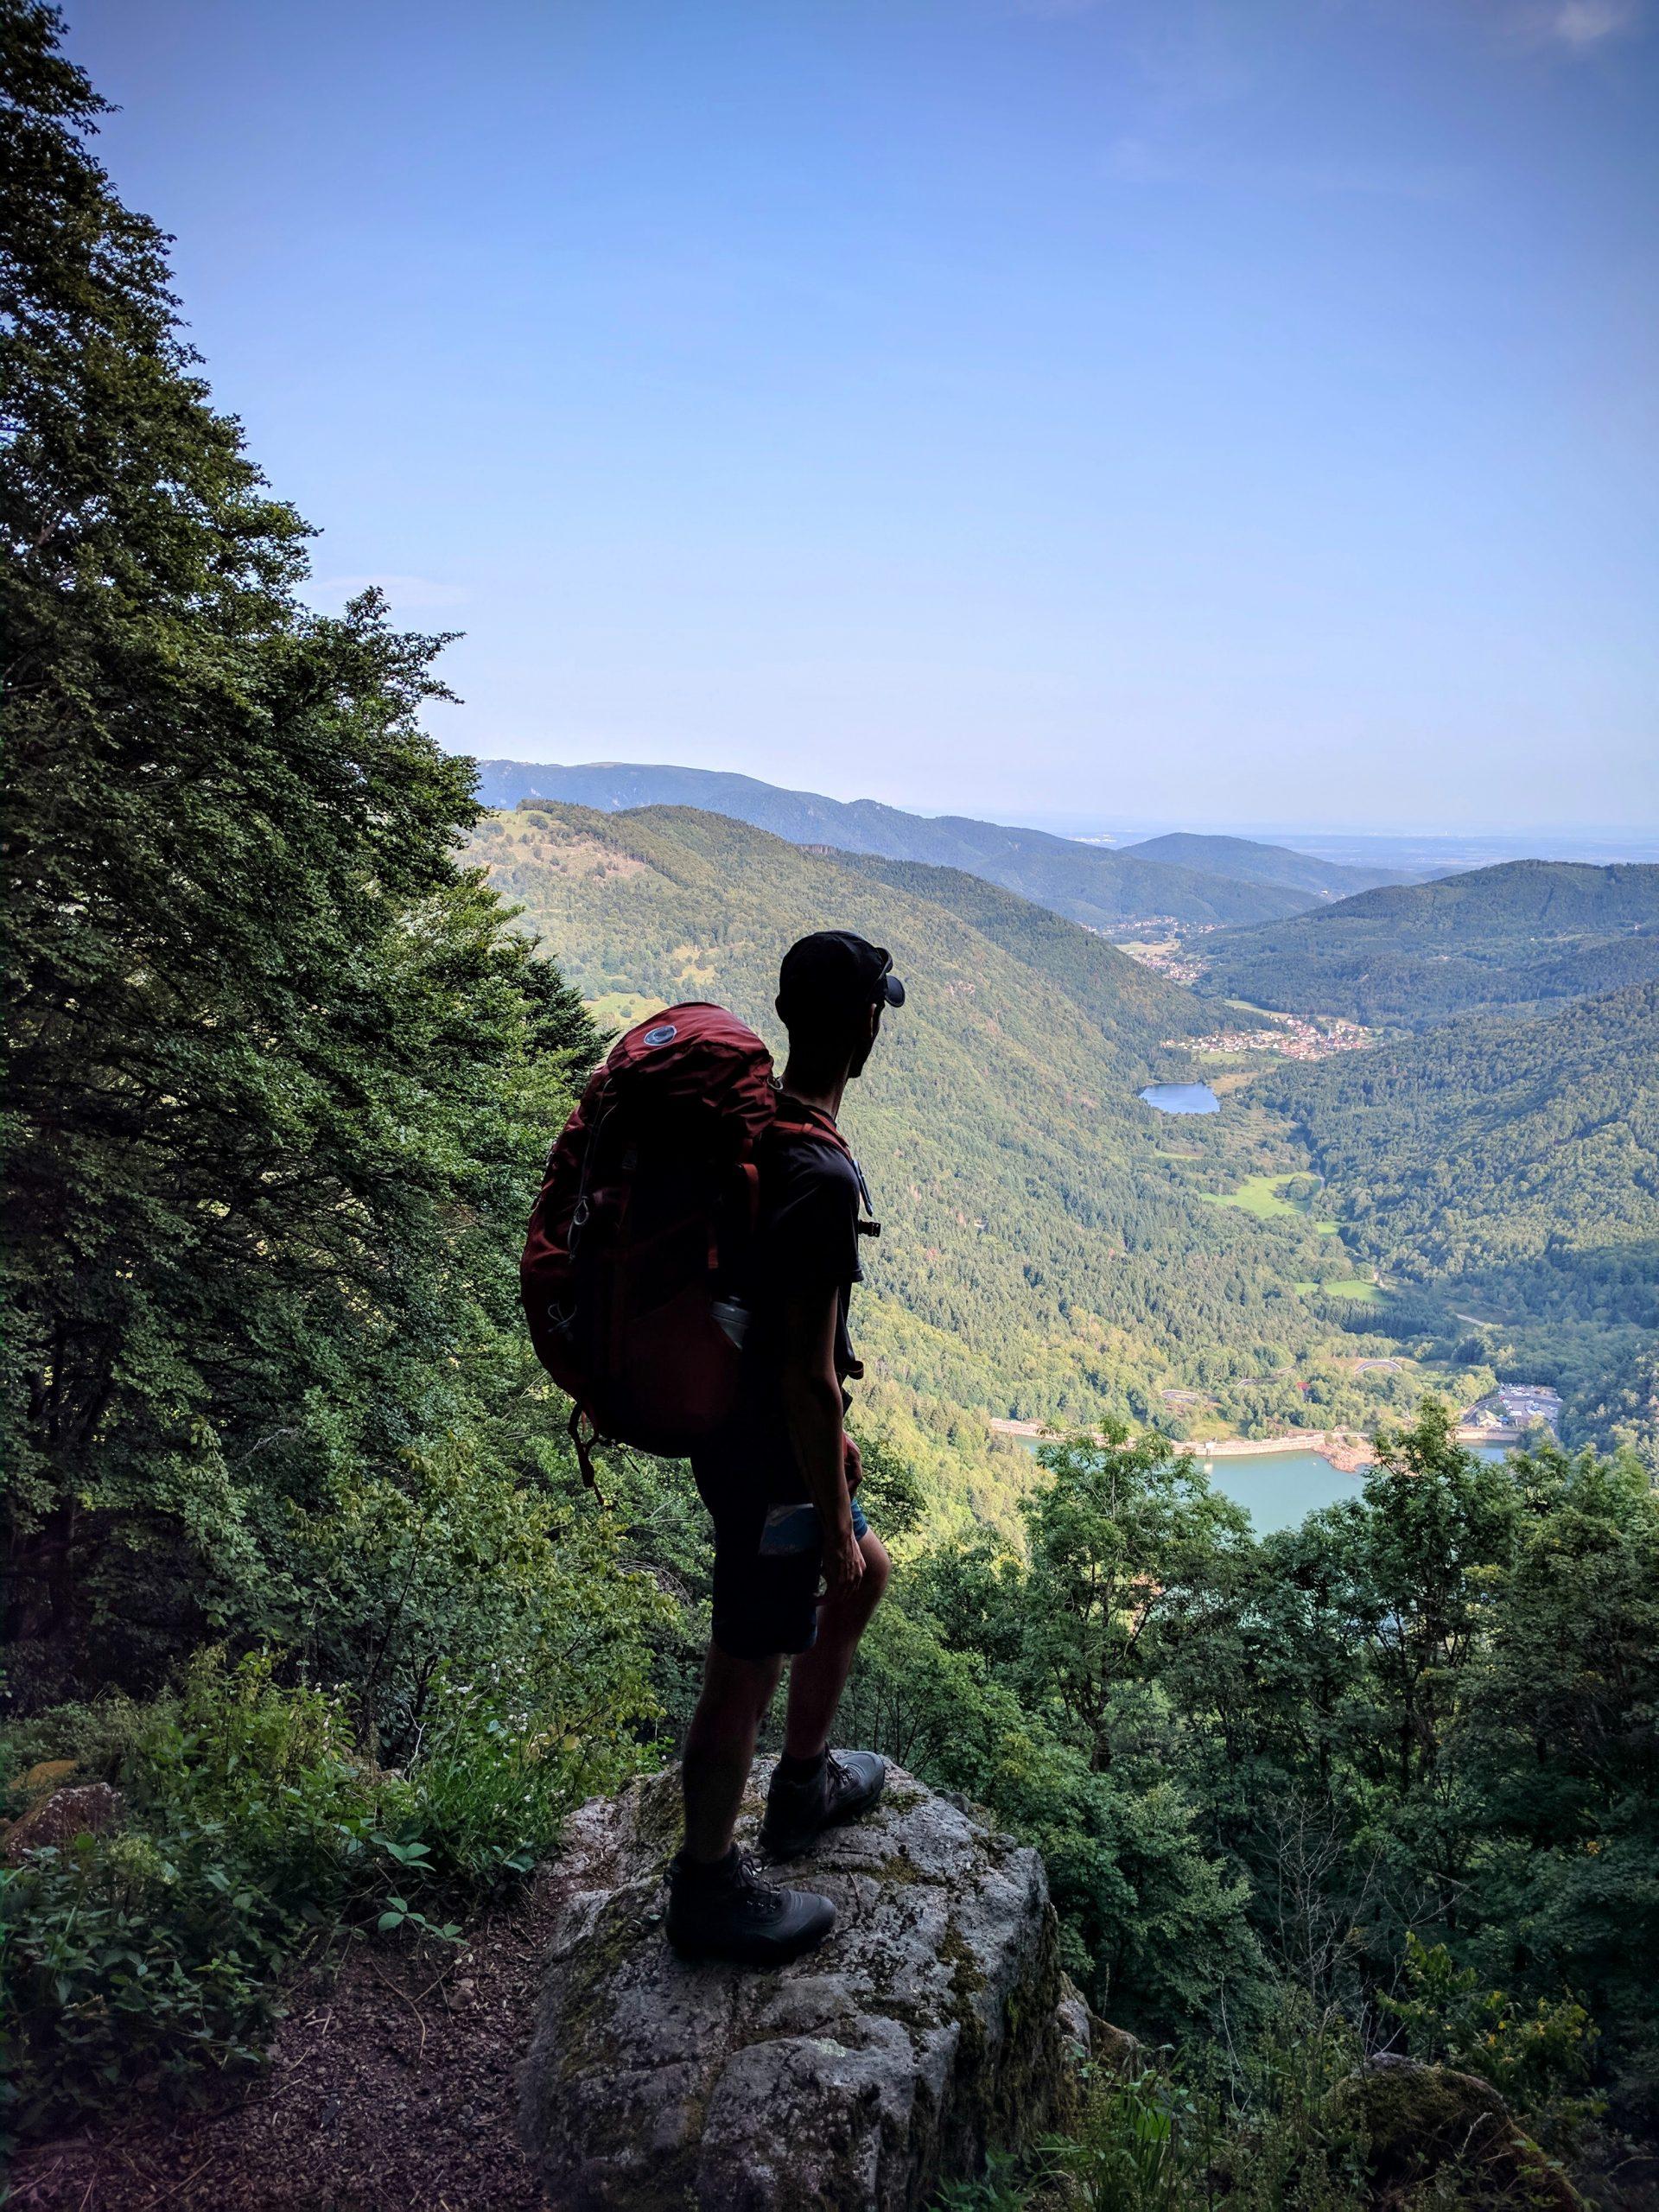 Un randonneur se tient debout sur un rocher devant la vallée de Masevaux en Alsace